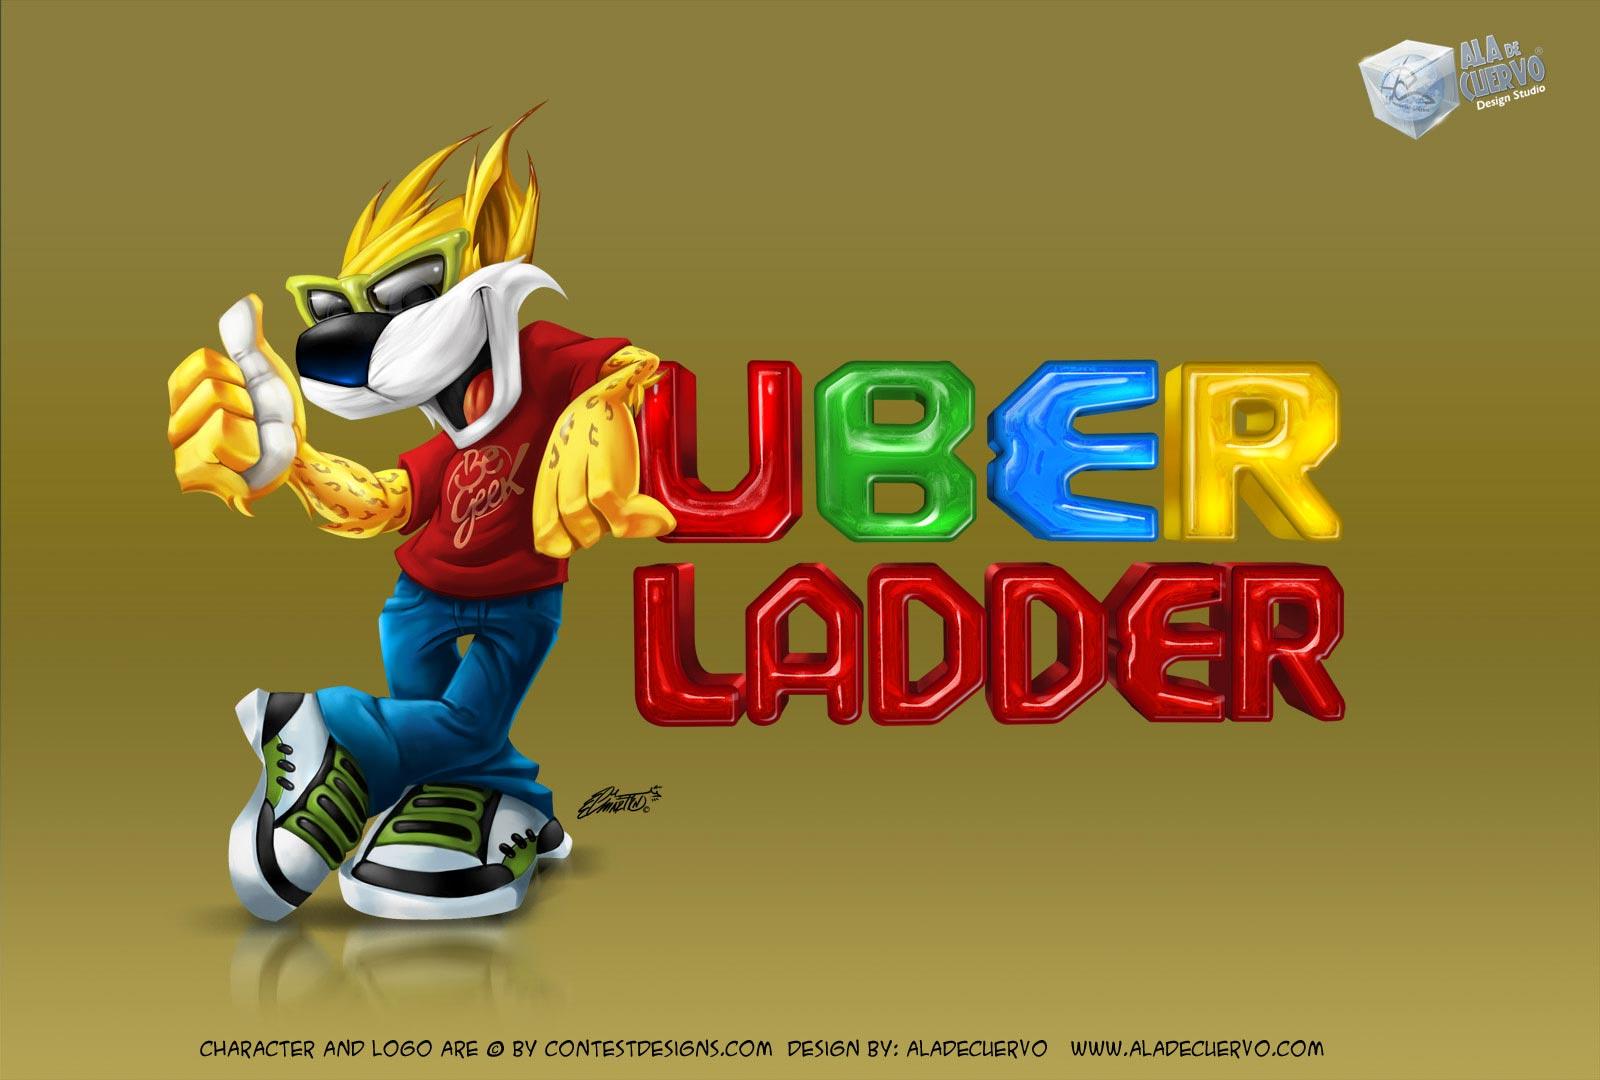 Uberladder logo